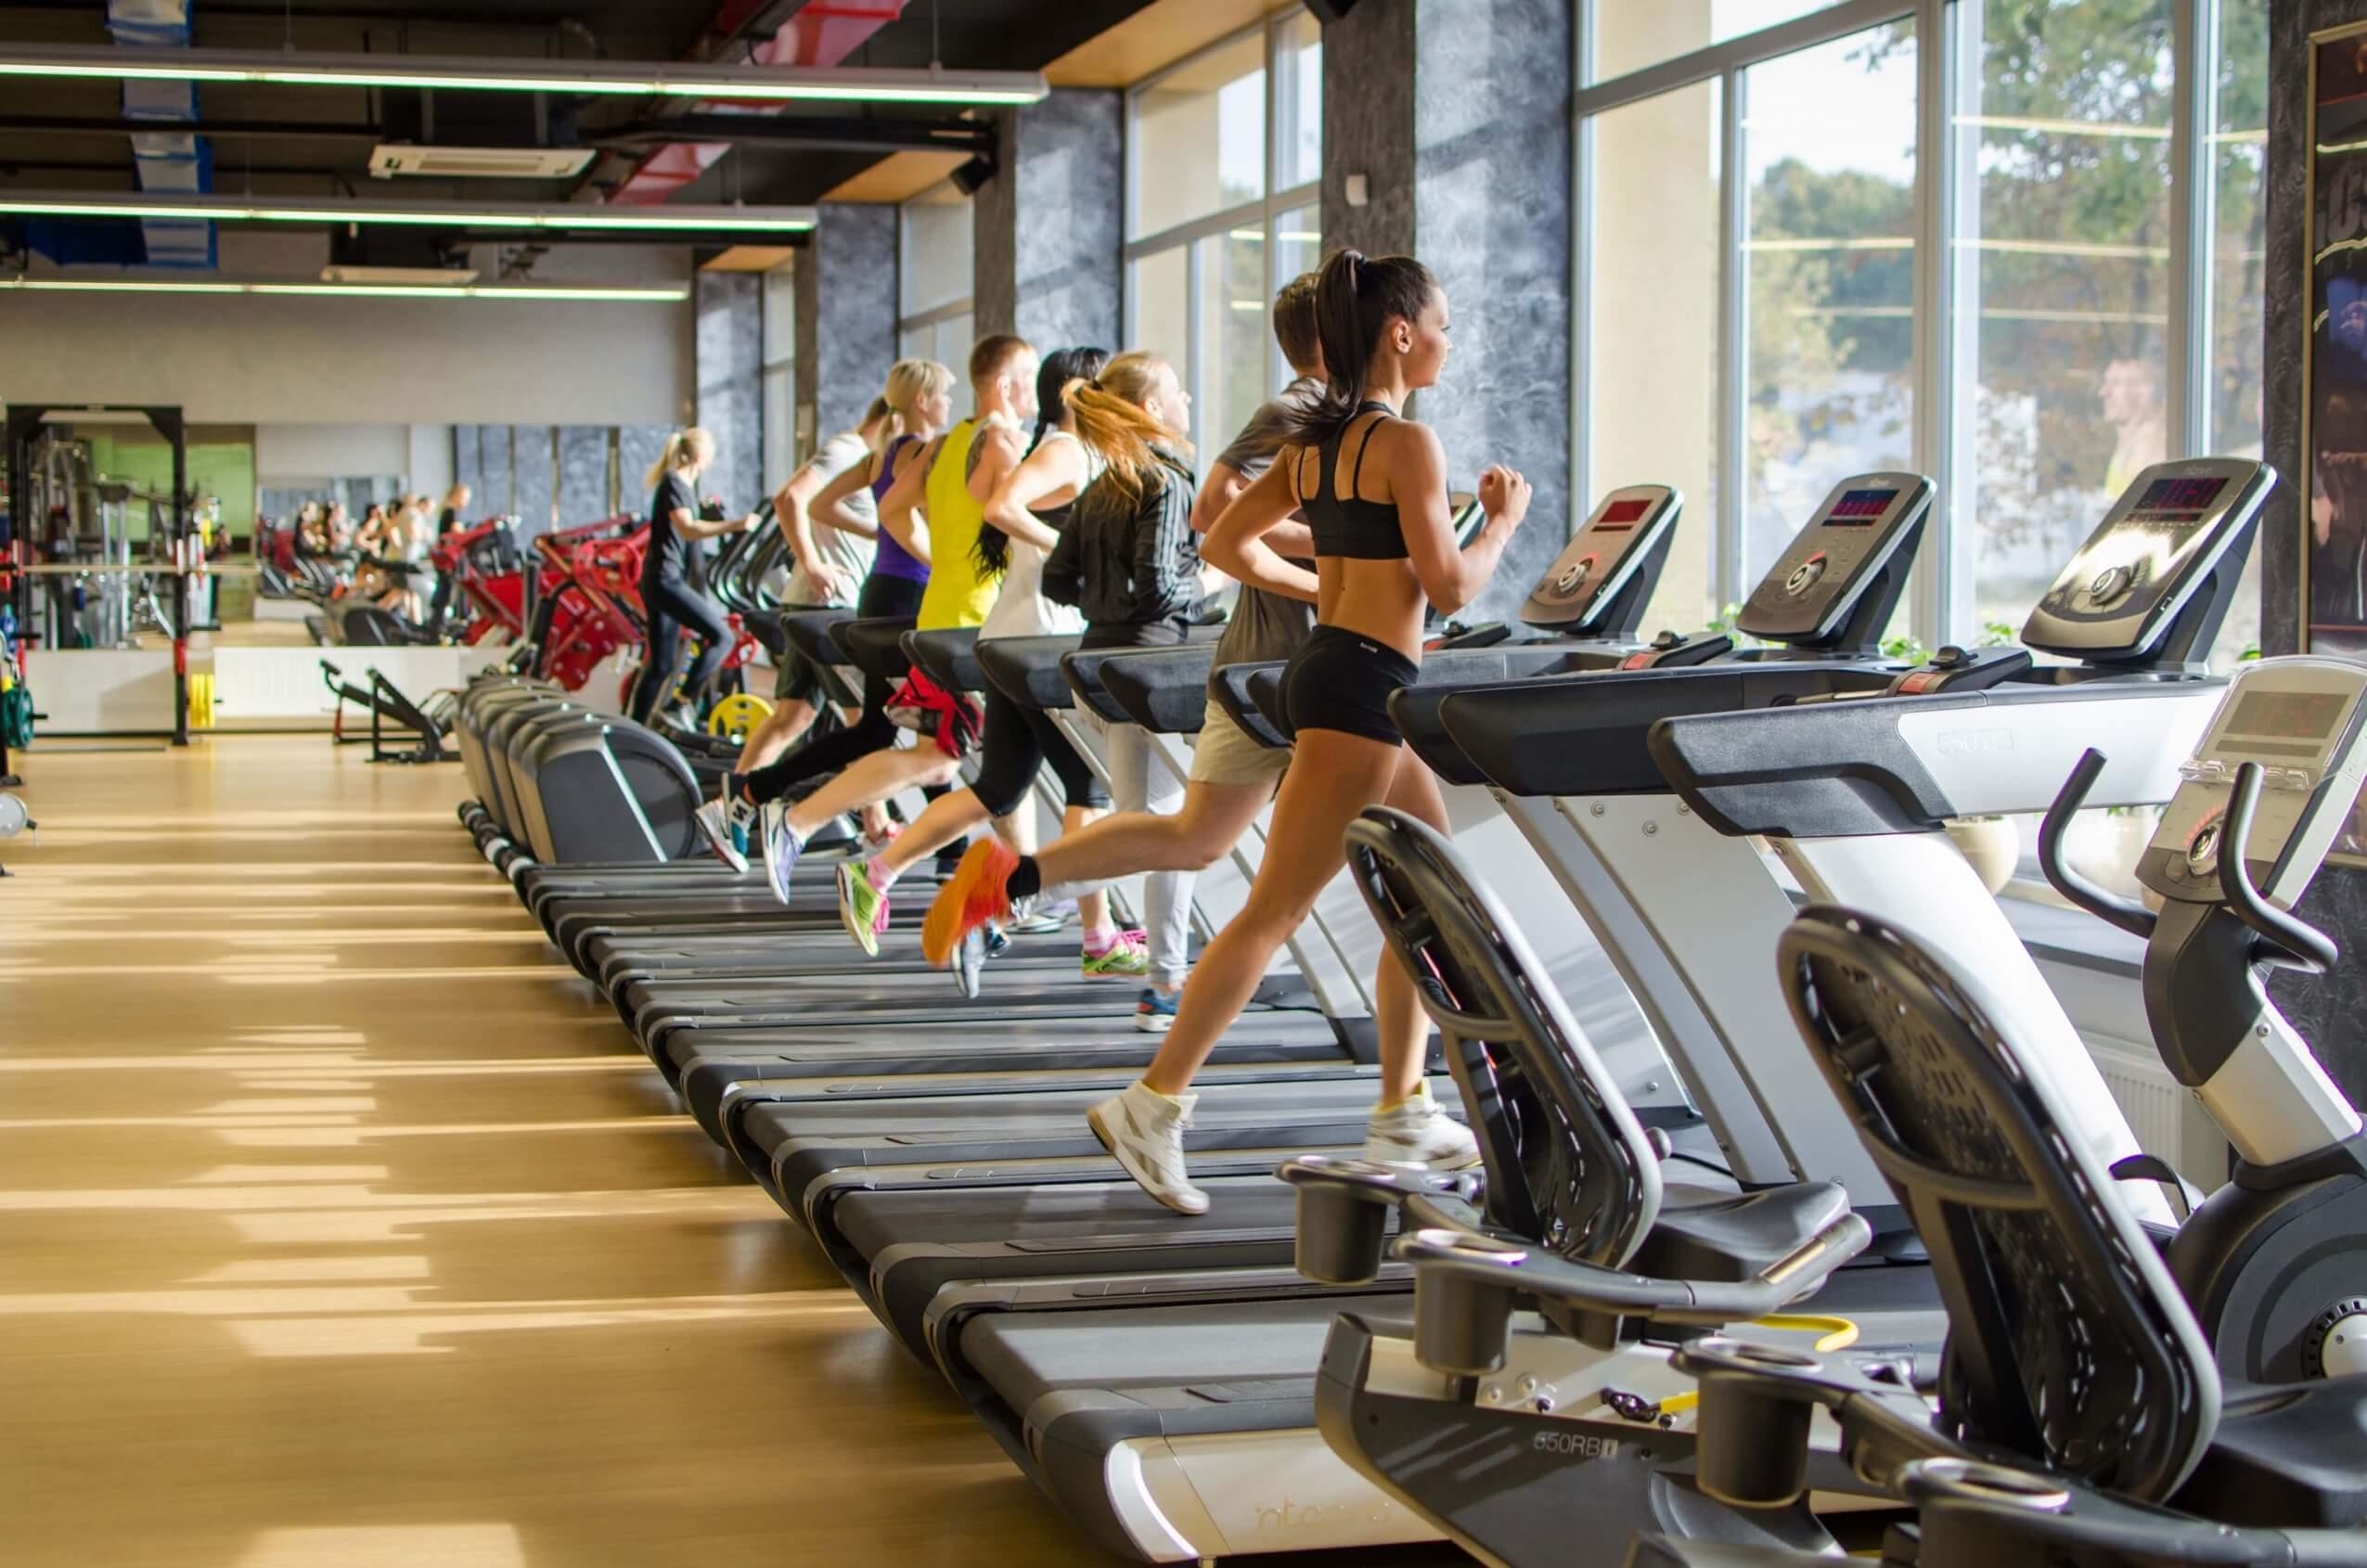 Чем фитнес-клуб отличается от тренажерного зала